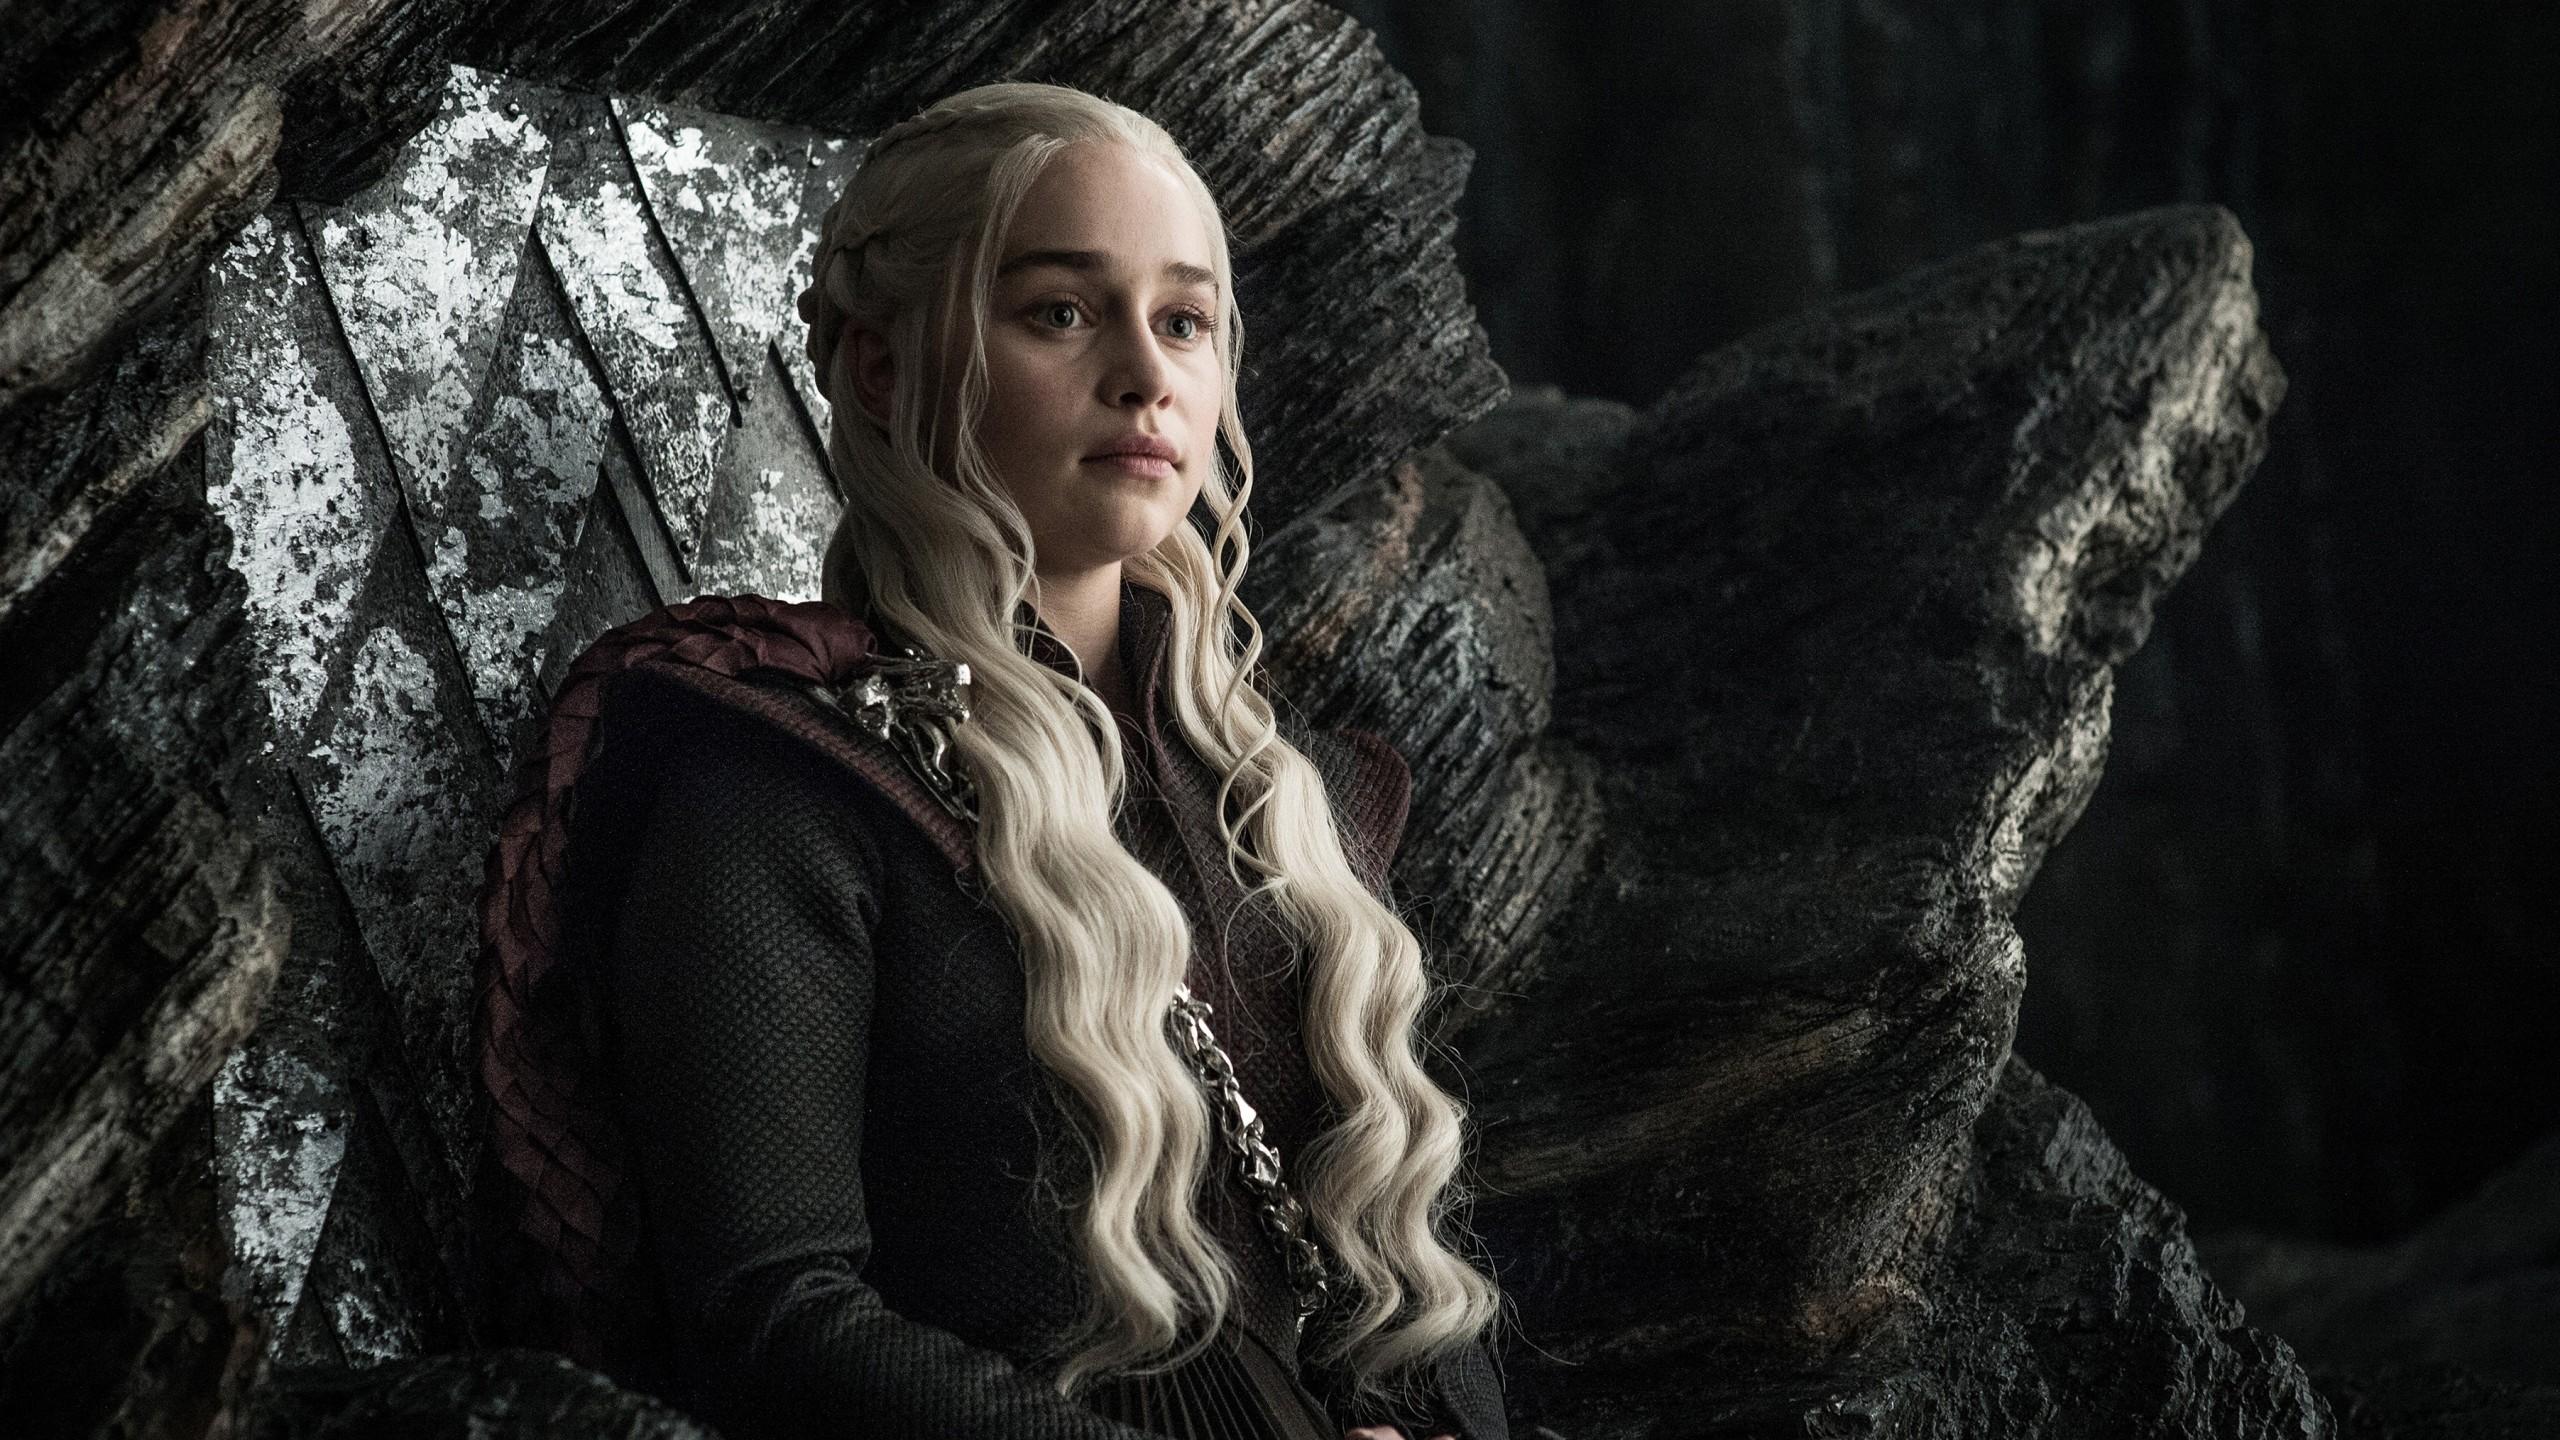 Daenerys Targaryen Game Of Thrones Wallpaper - Daenerys Targaryen Season 8 , HD Wallpaper & Backgrounds